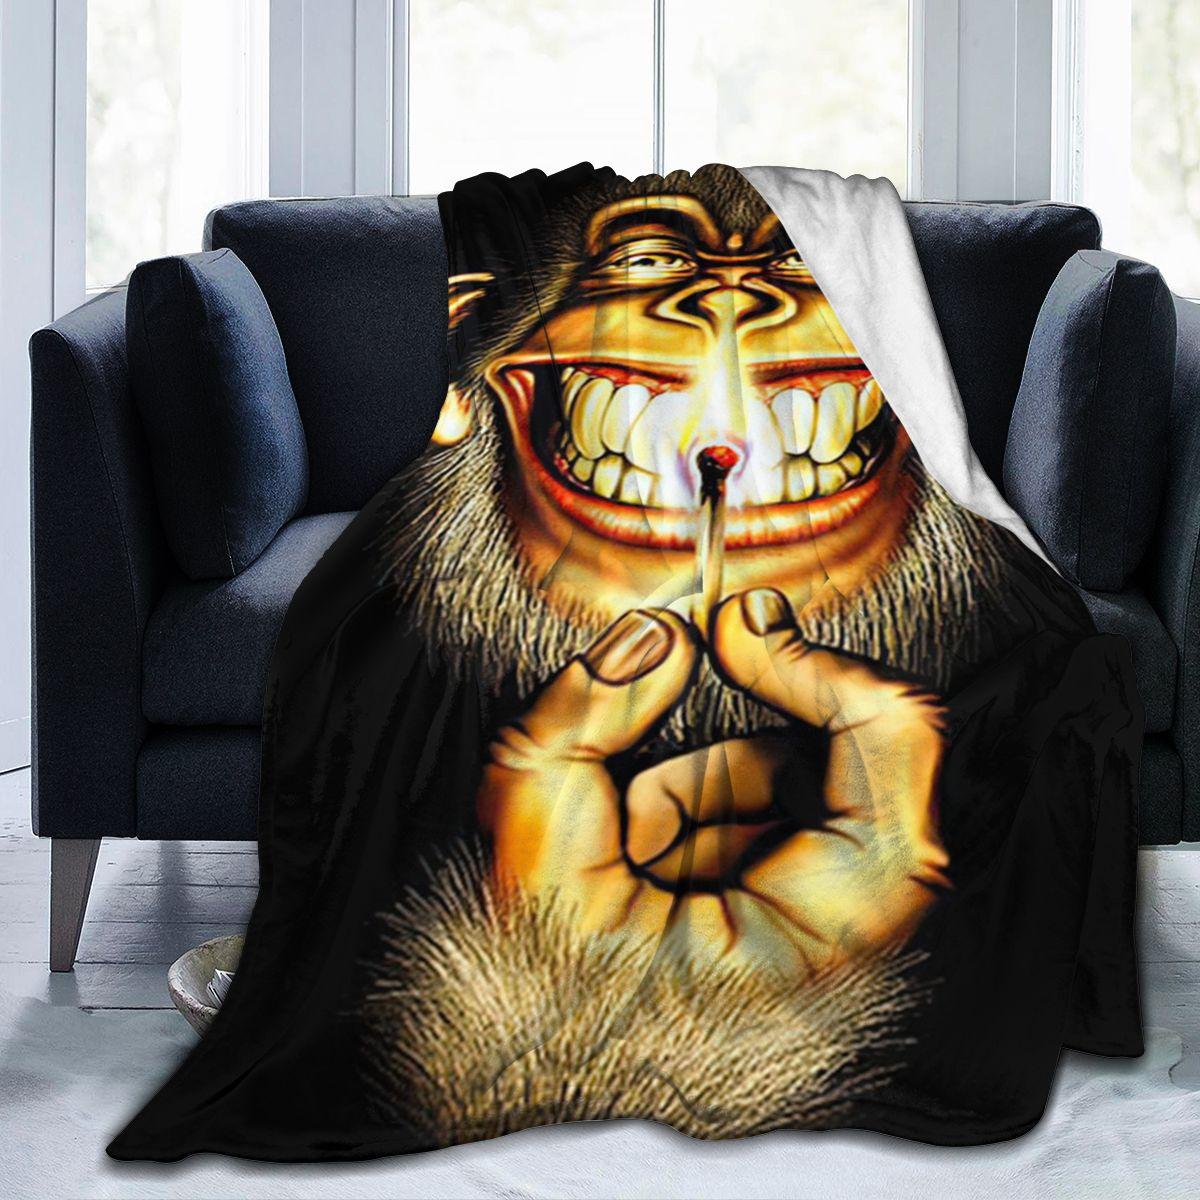 الترا لينة أريكة غطاء بطانية بطانية الفراش الكرتون الكرتون الفانيلا plied أريكة ديكور غرفة نوم للأطفال والكبار 47970